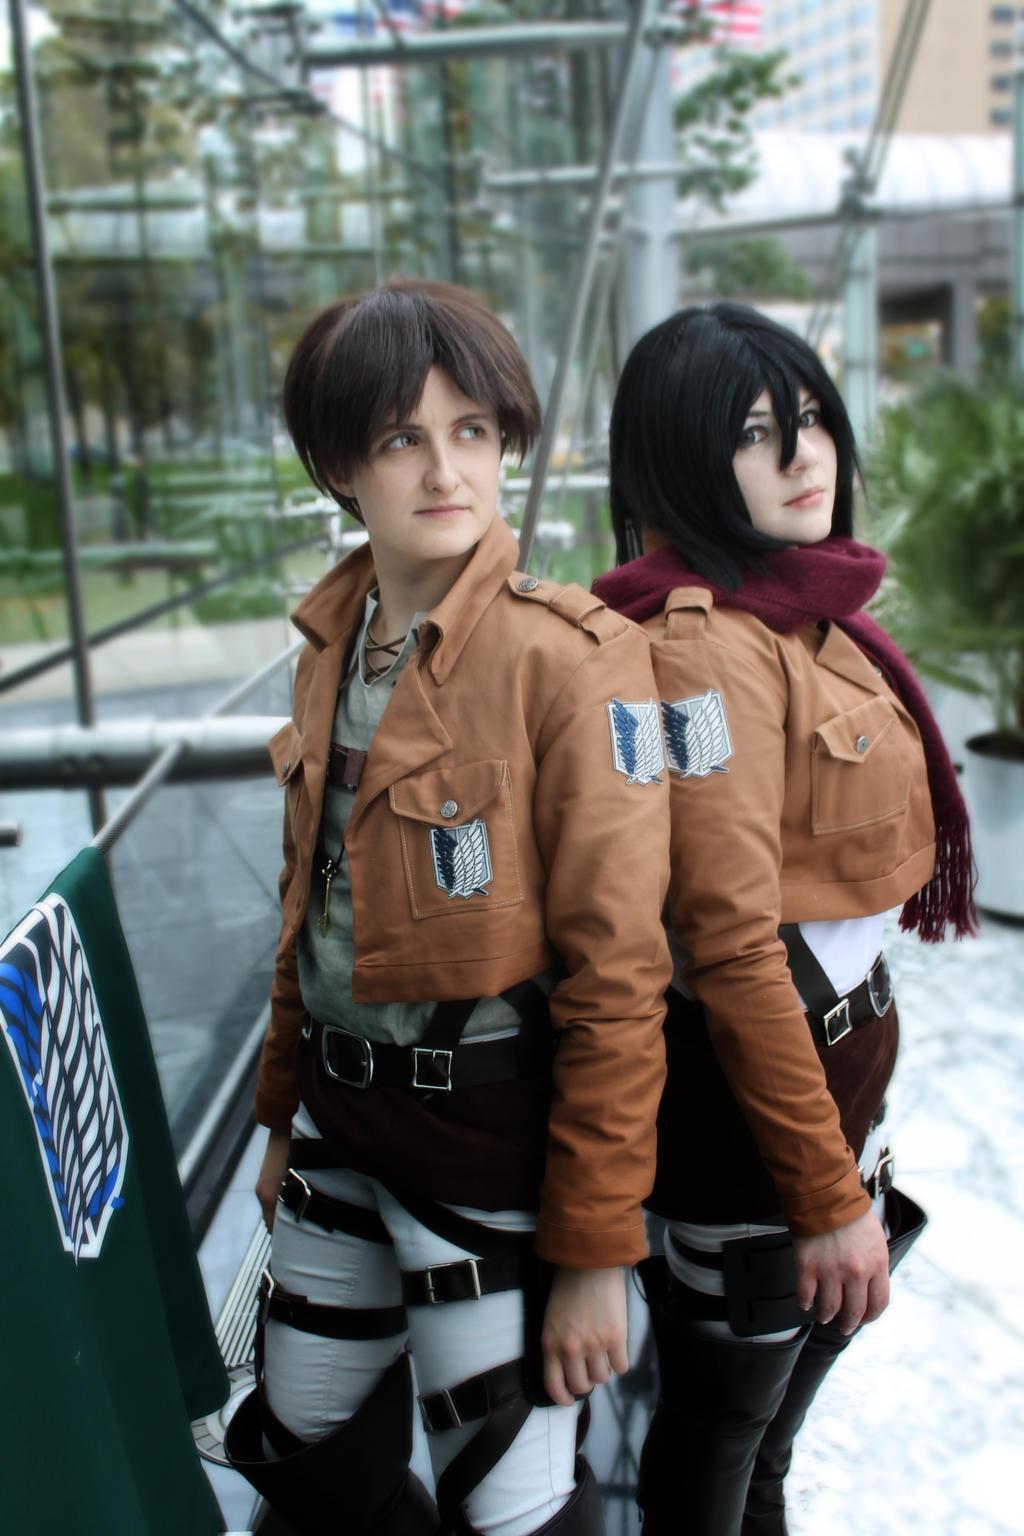 Eren Jaeger, Mikasa Ackerman by august-fehrmont on DeviantArt